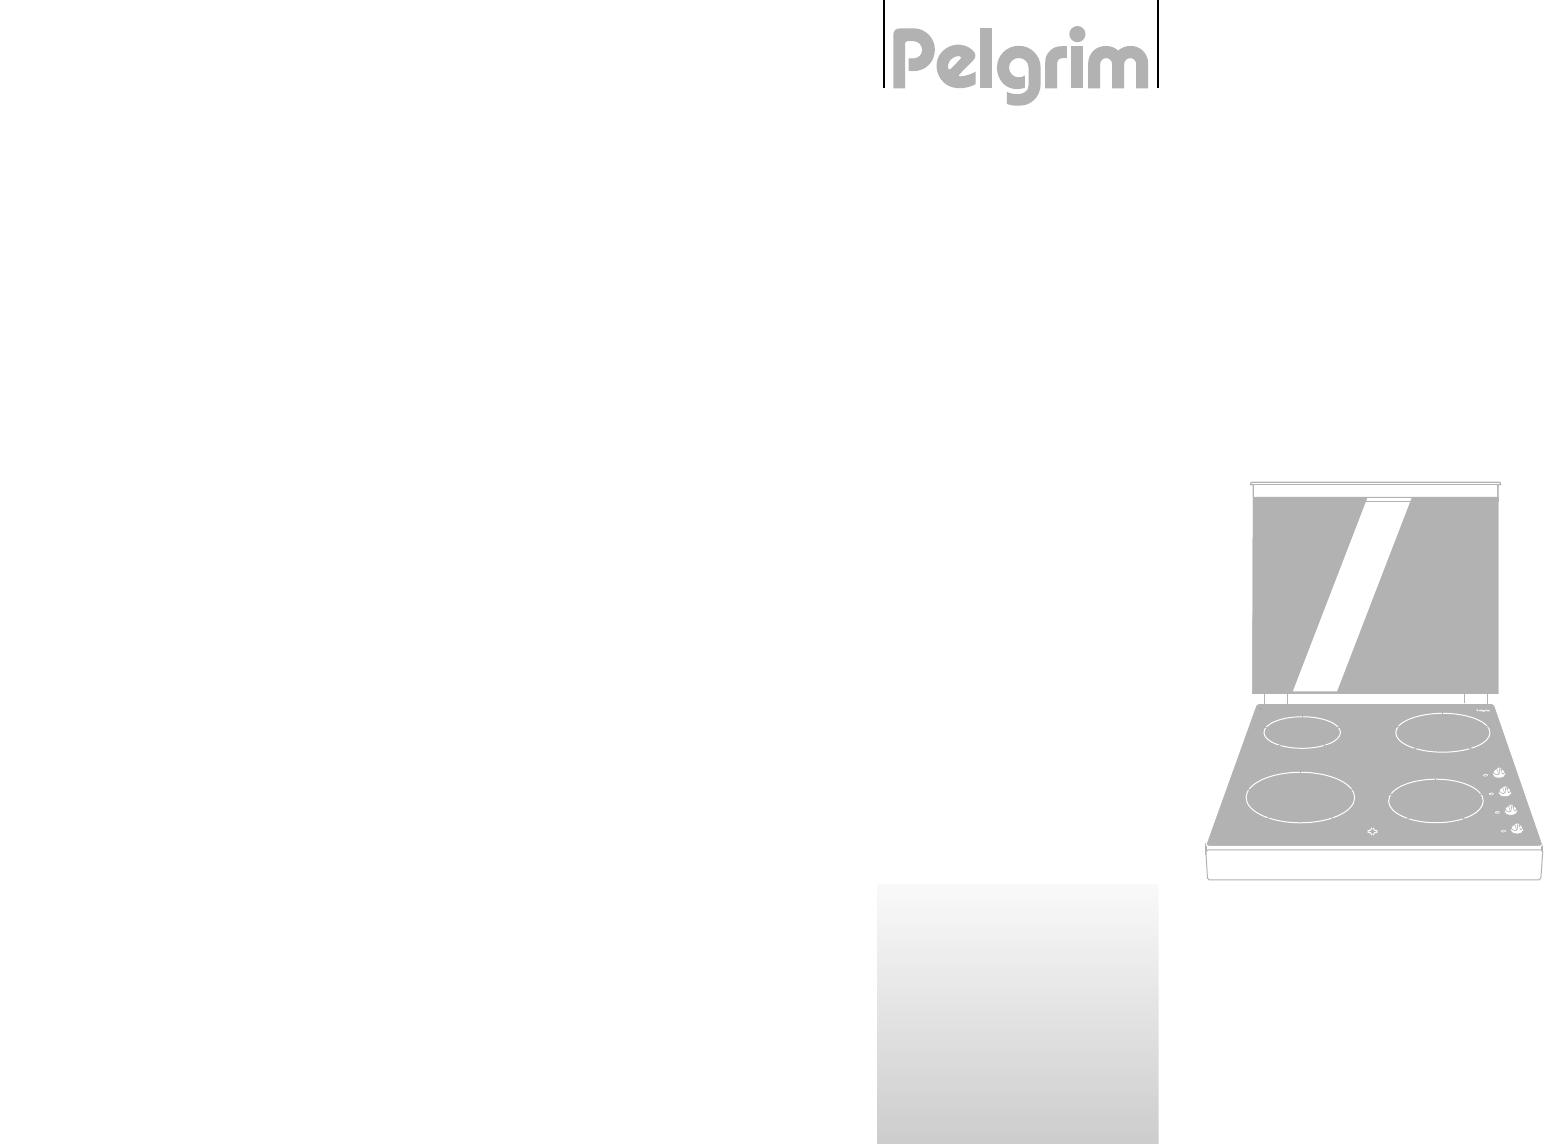 Betere Handleiding Pelgrim AM754 (pagina 1 van 6) (Nederlands) NB-53